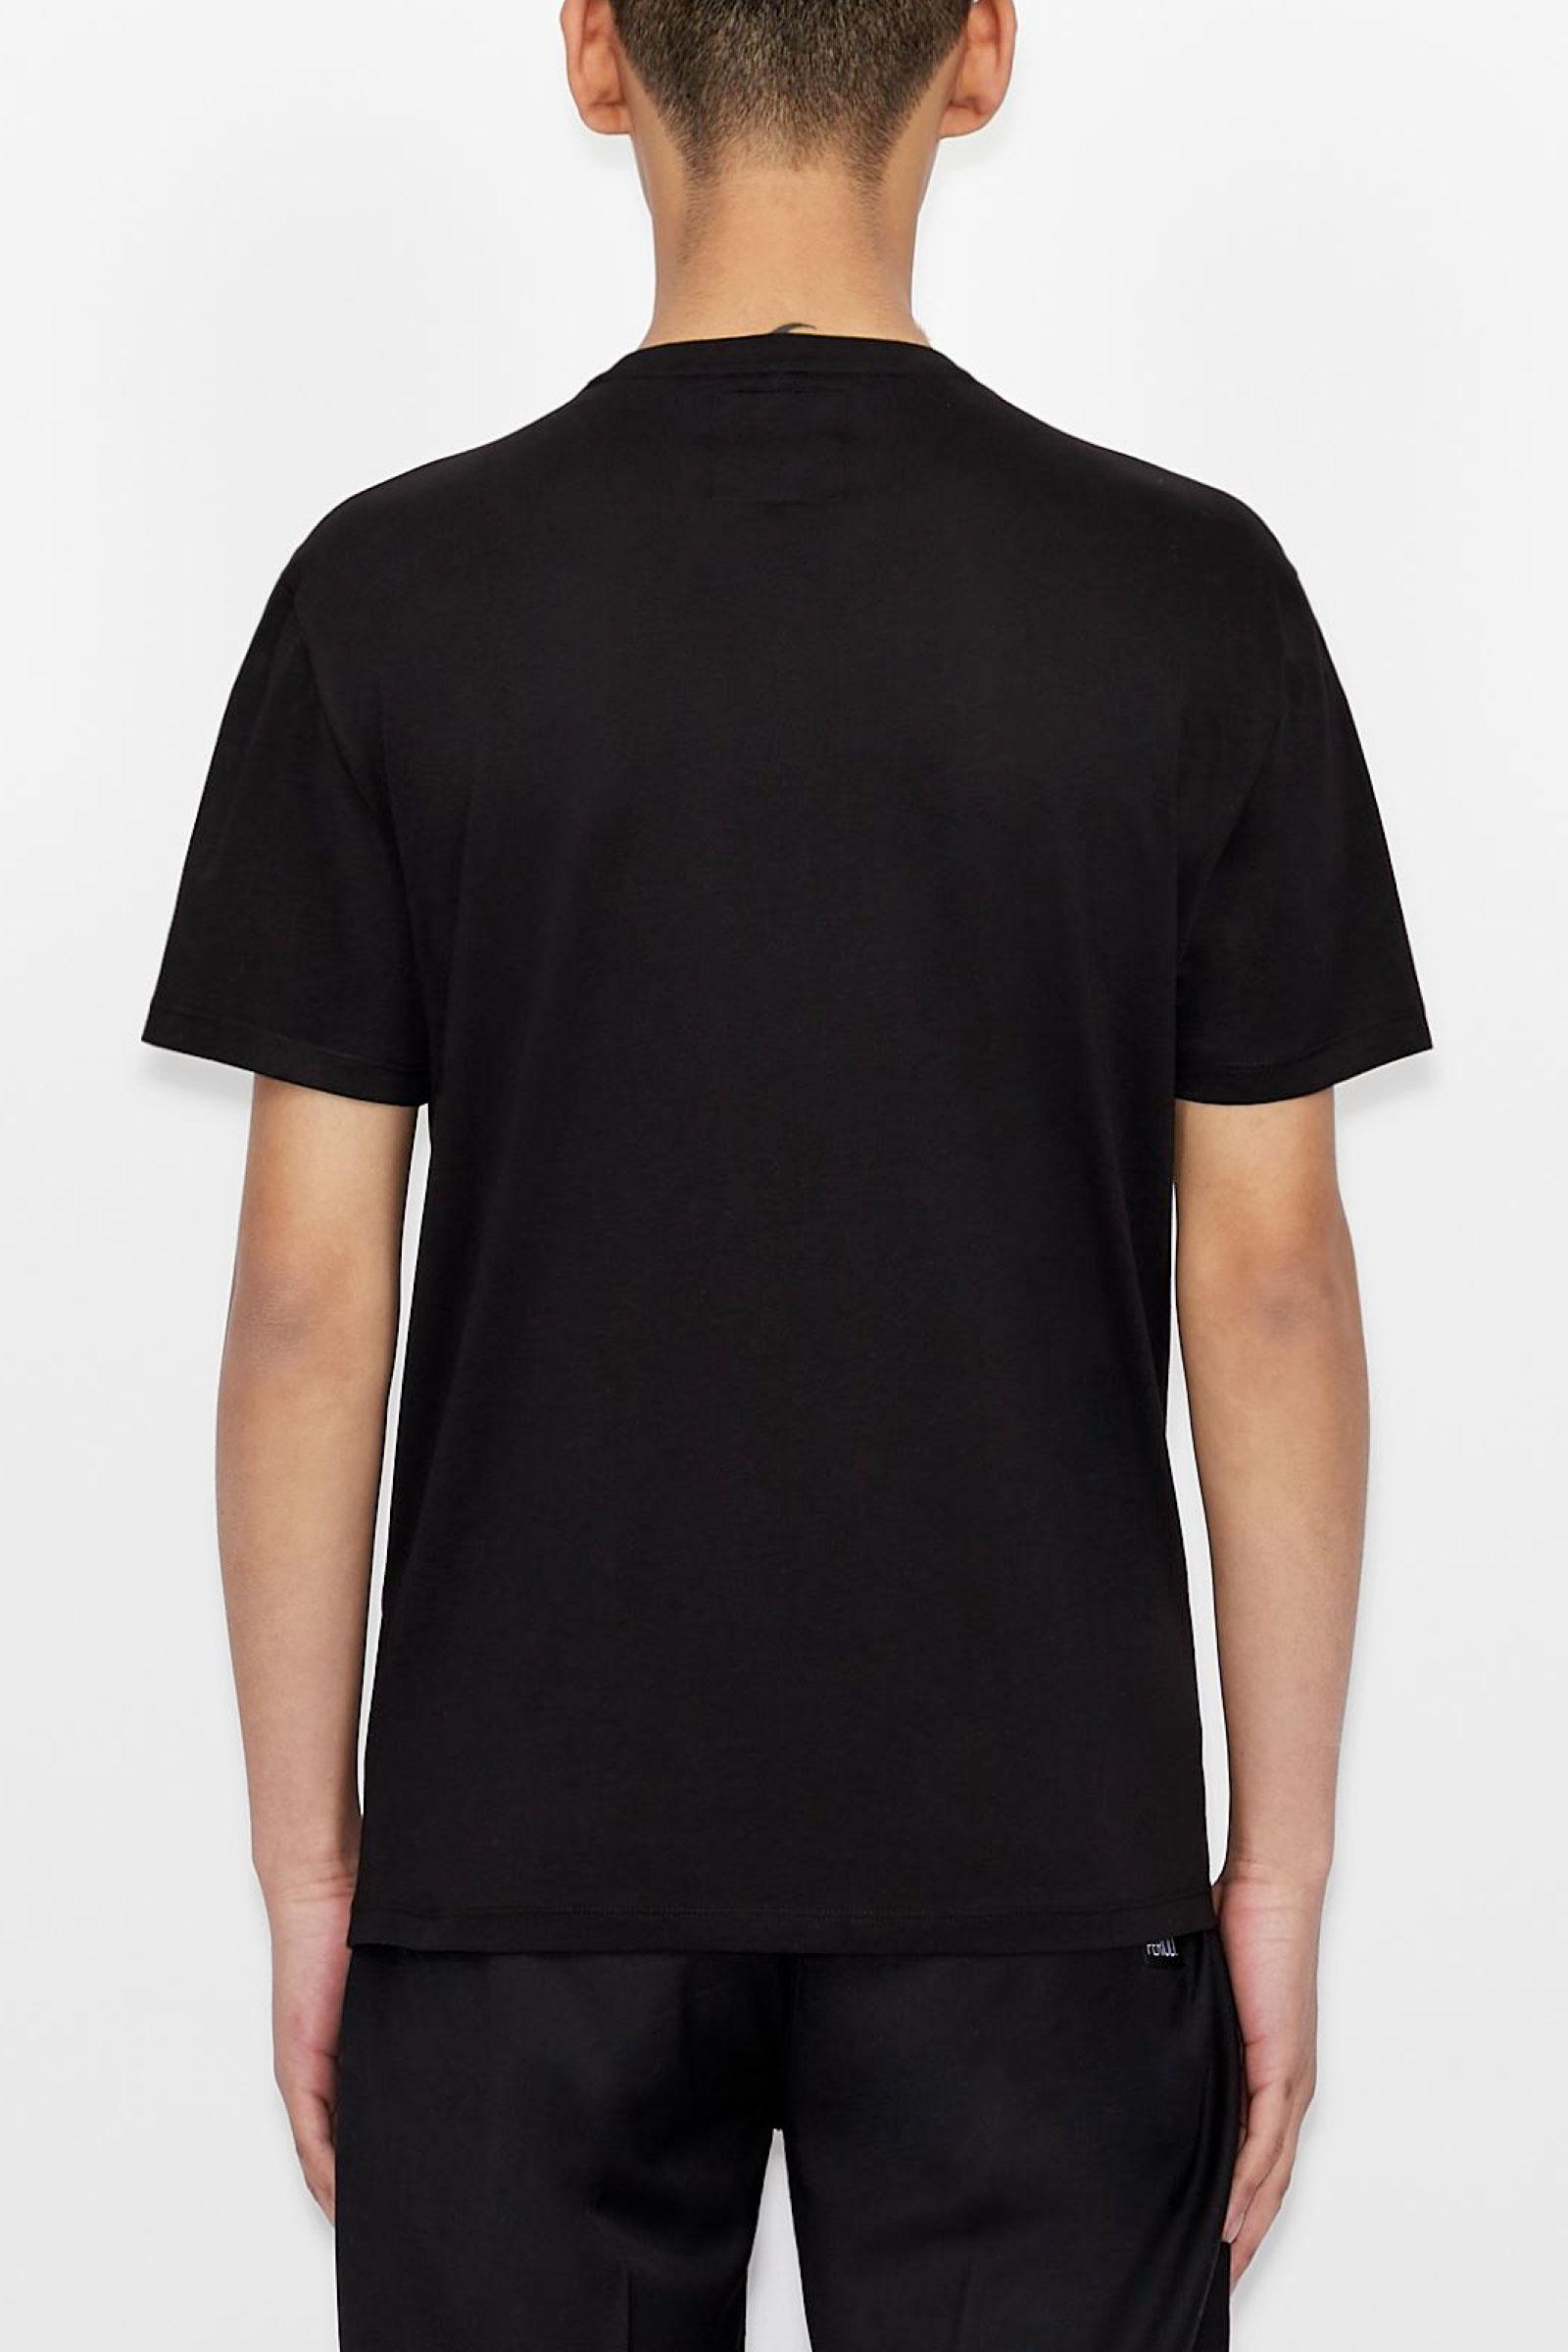 ARMANI EXCHANGE Men's T-Shirt ARMANI EXCHANGE | T-Shirt | 8NZTPA ZJH4Z0275